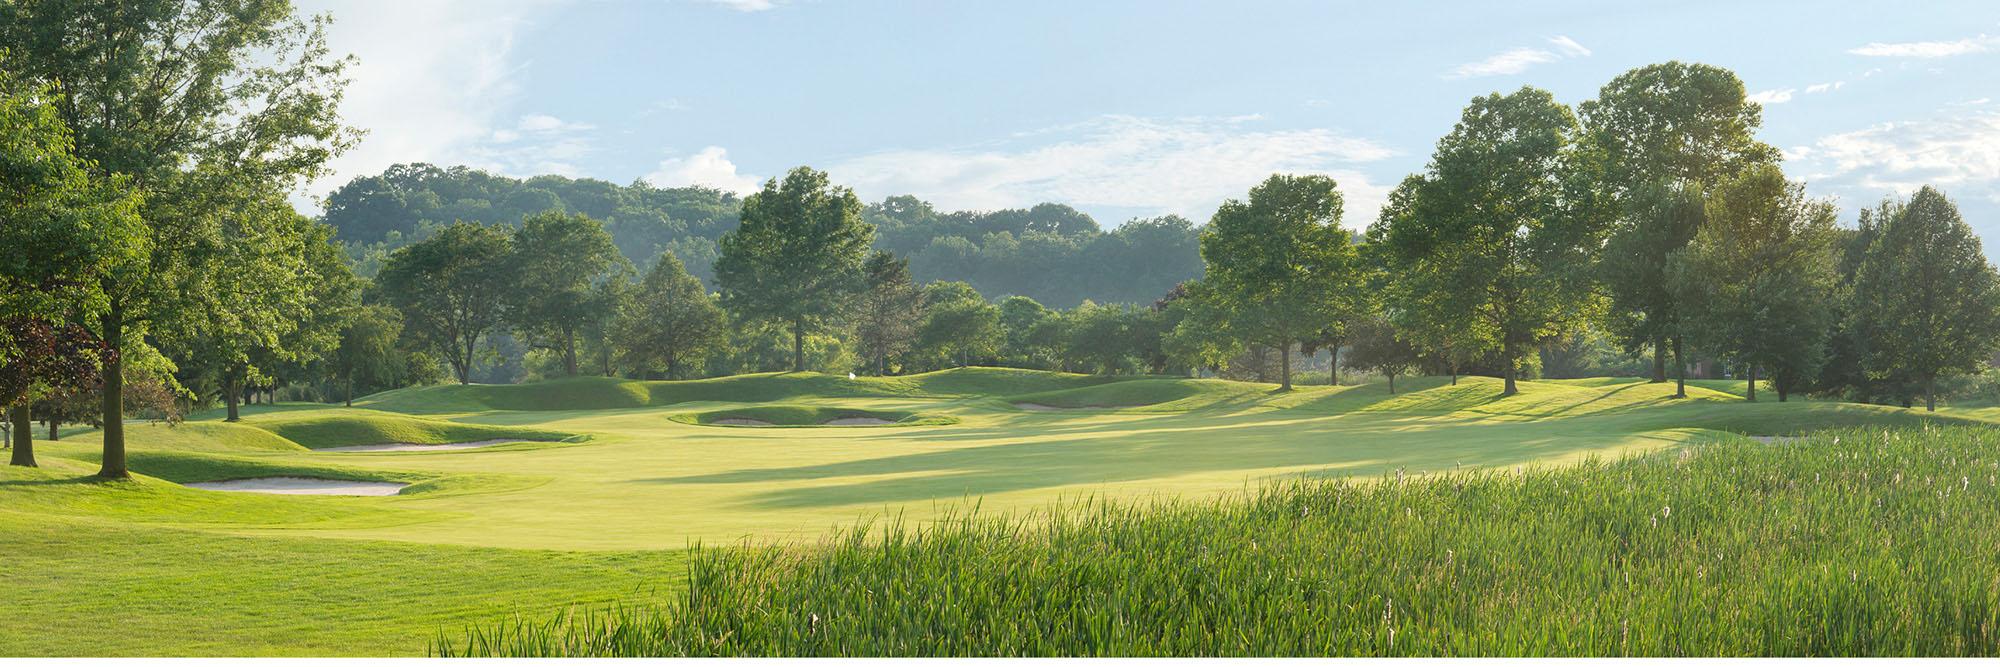 Golf Course Image - Glenmoor Country Club No. 12